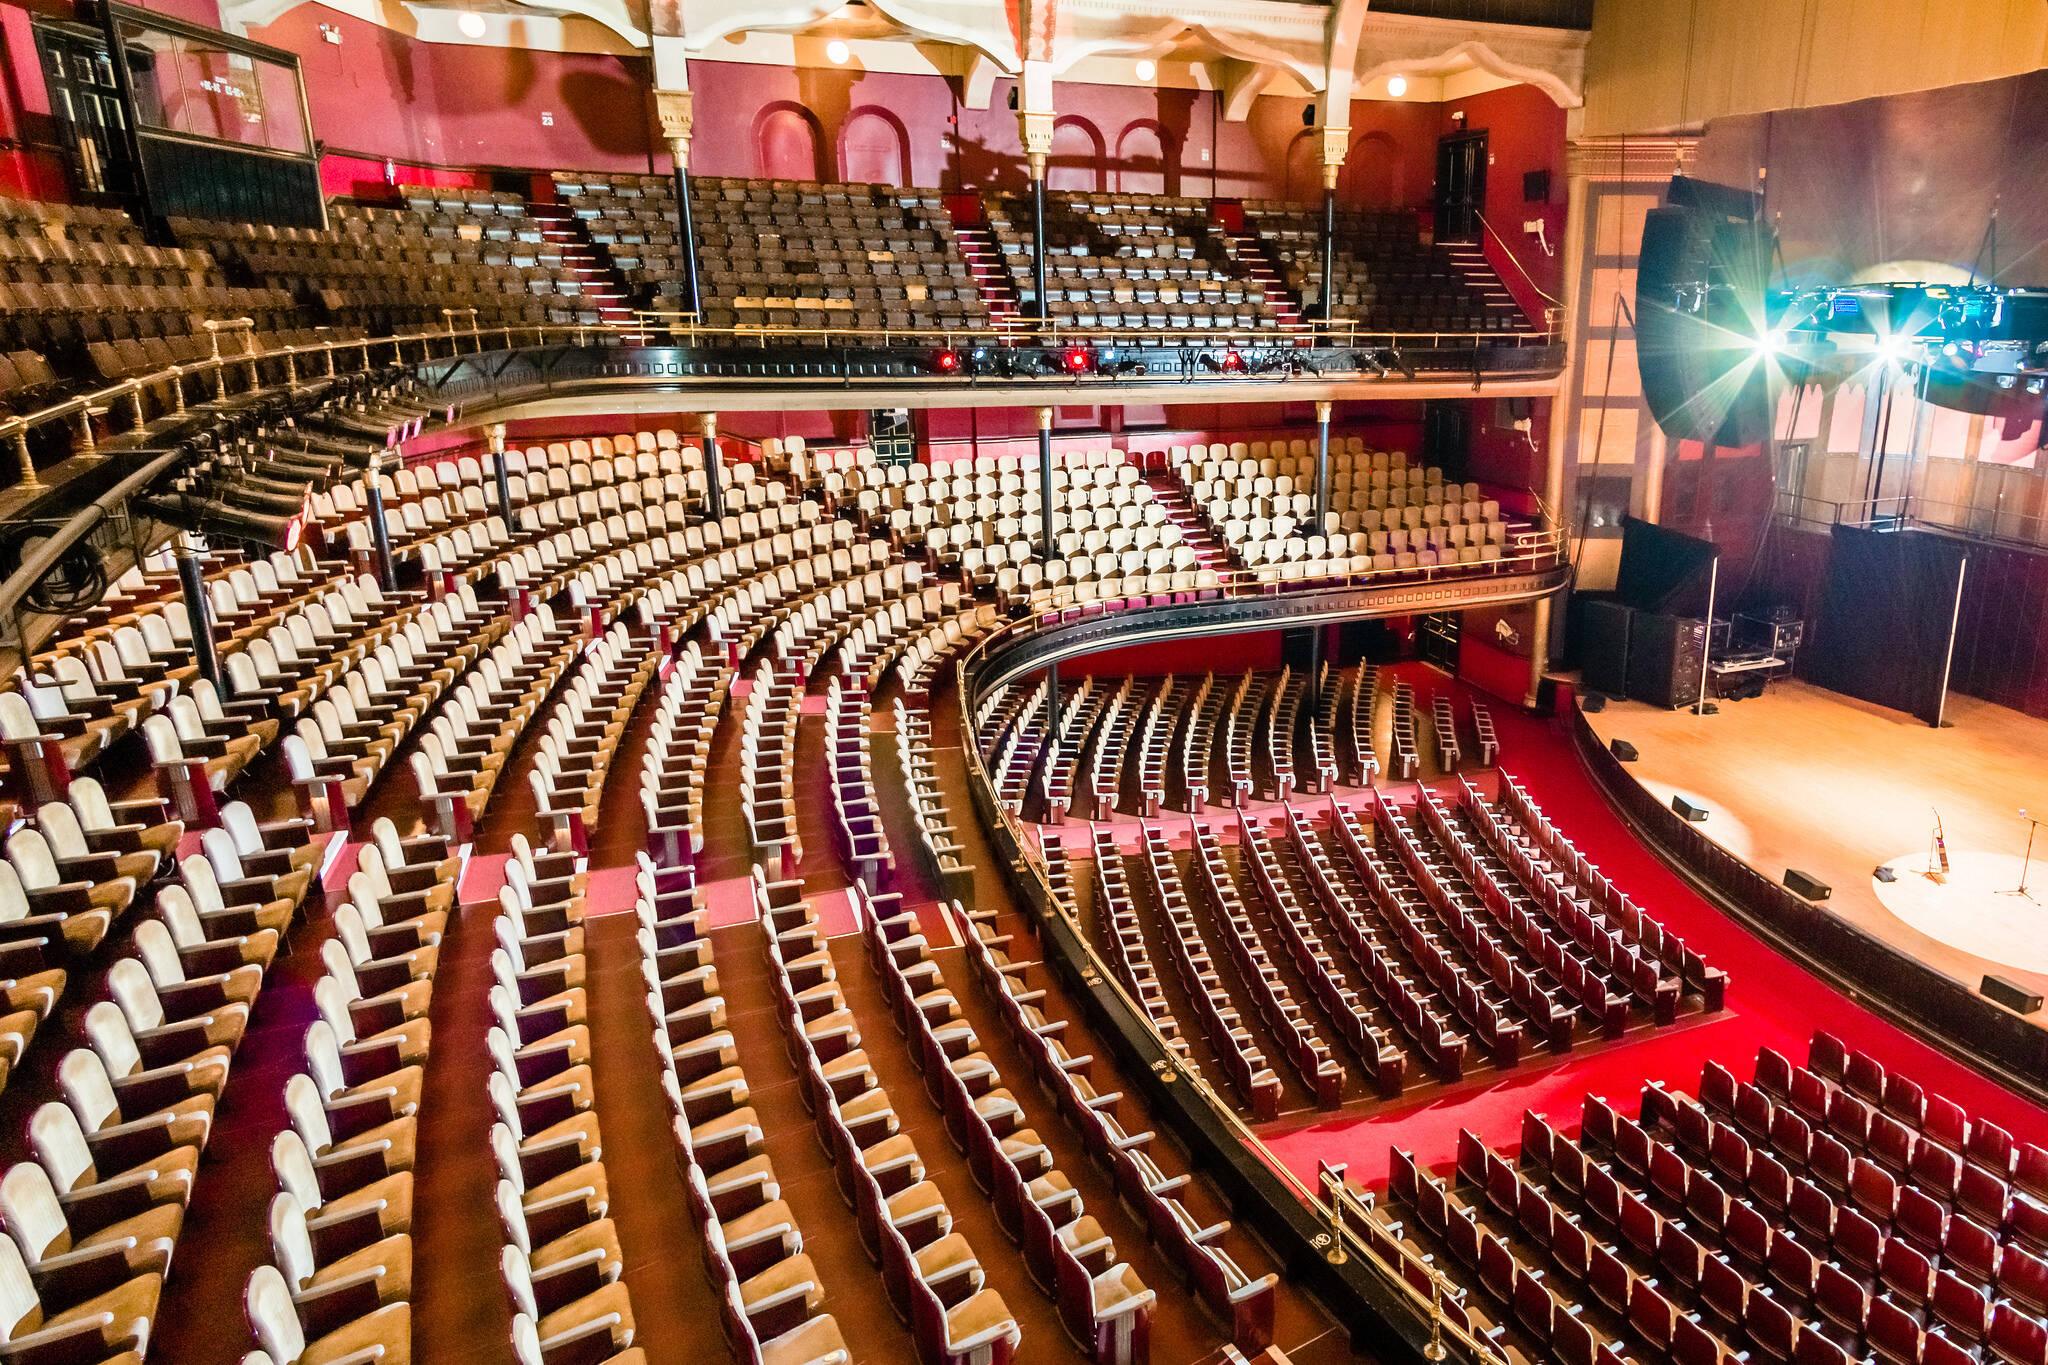 Massey Hall seats